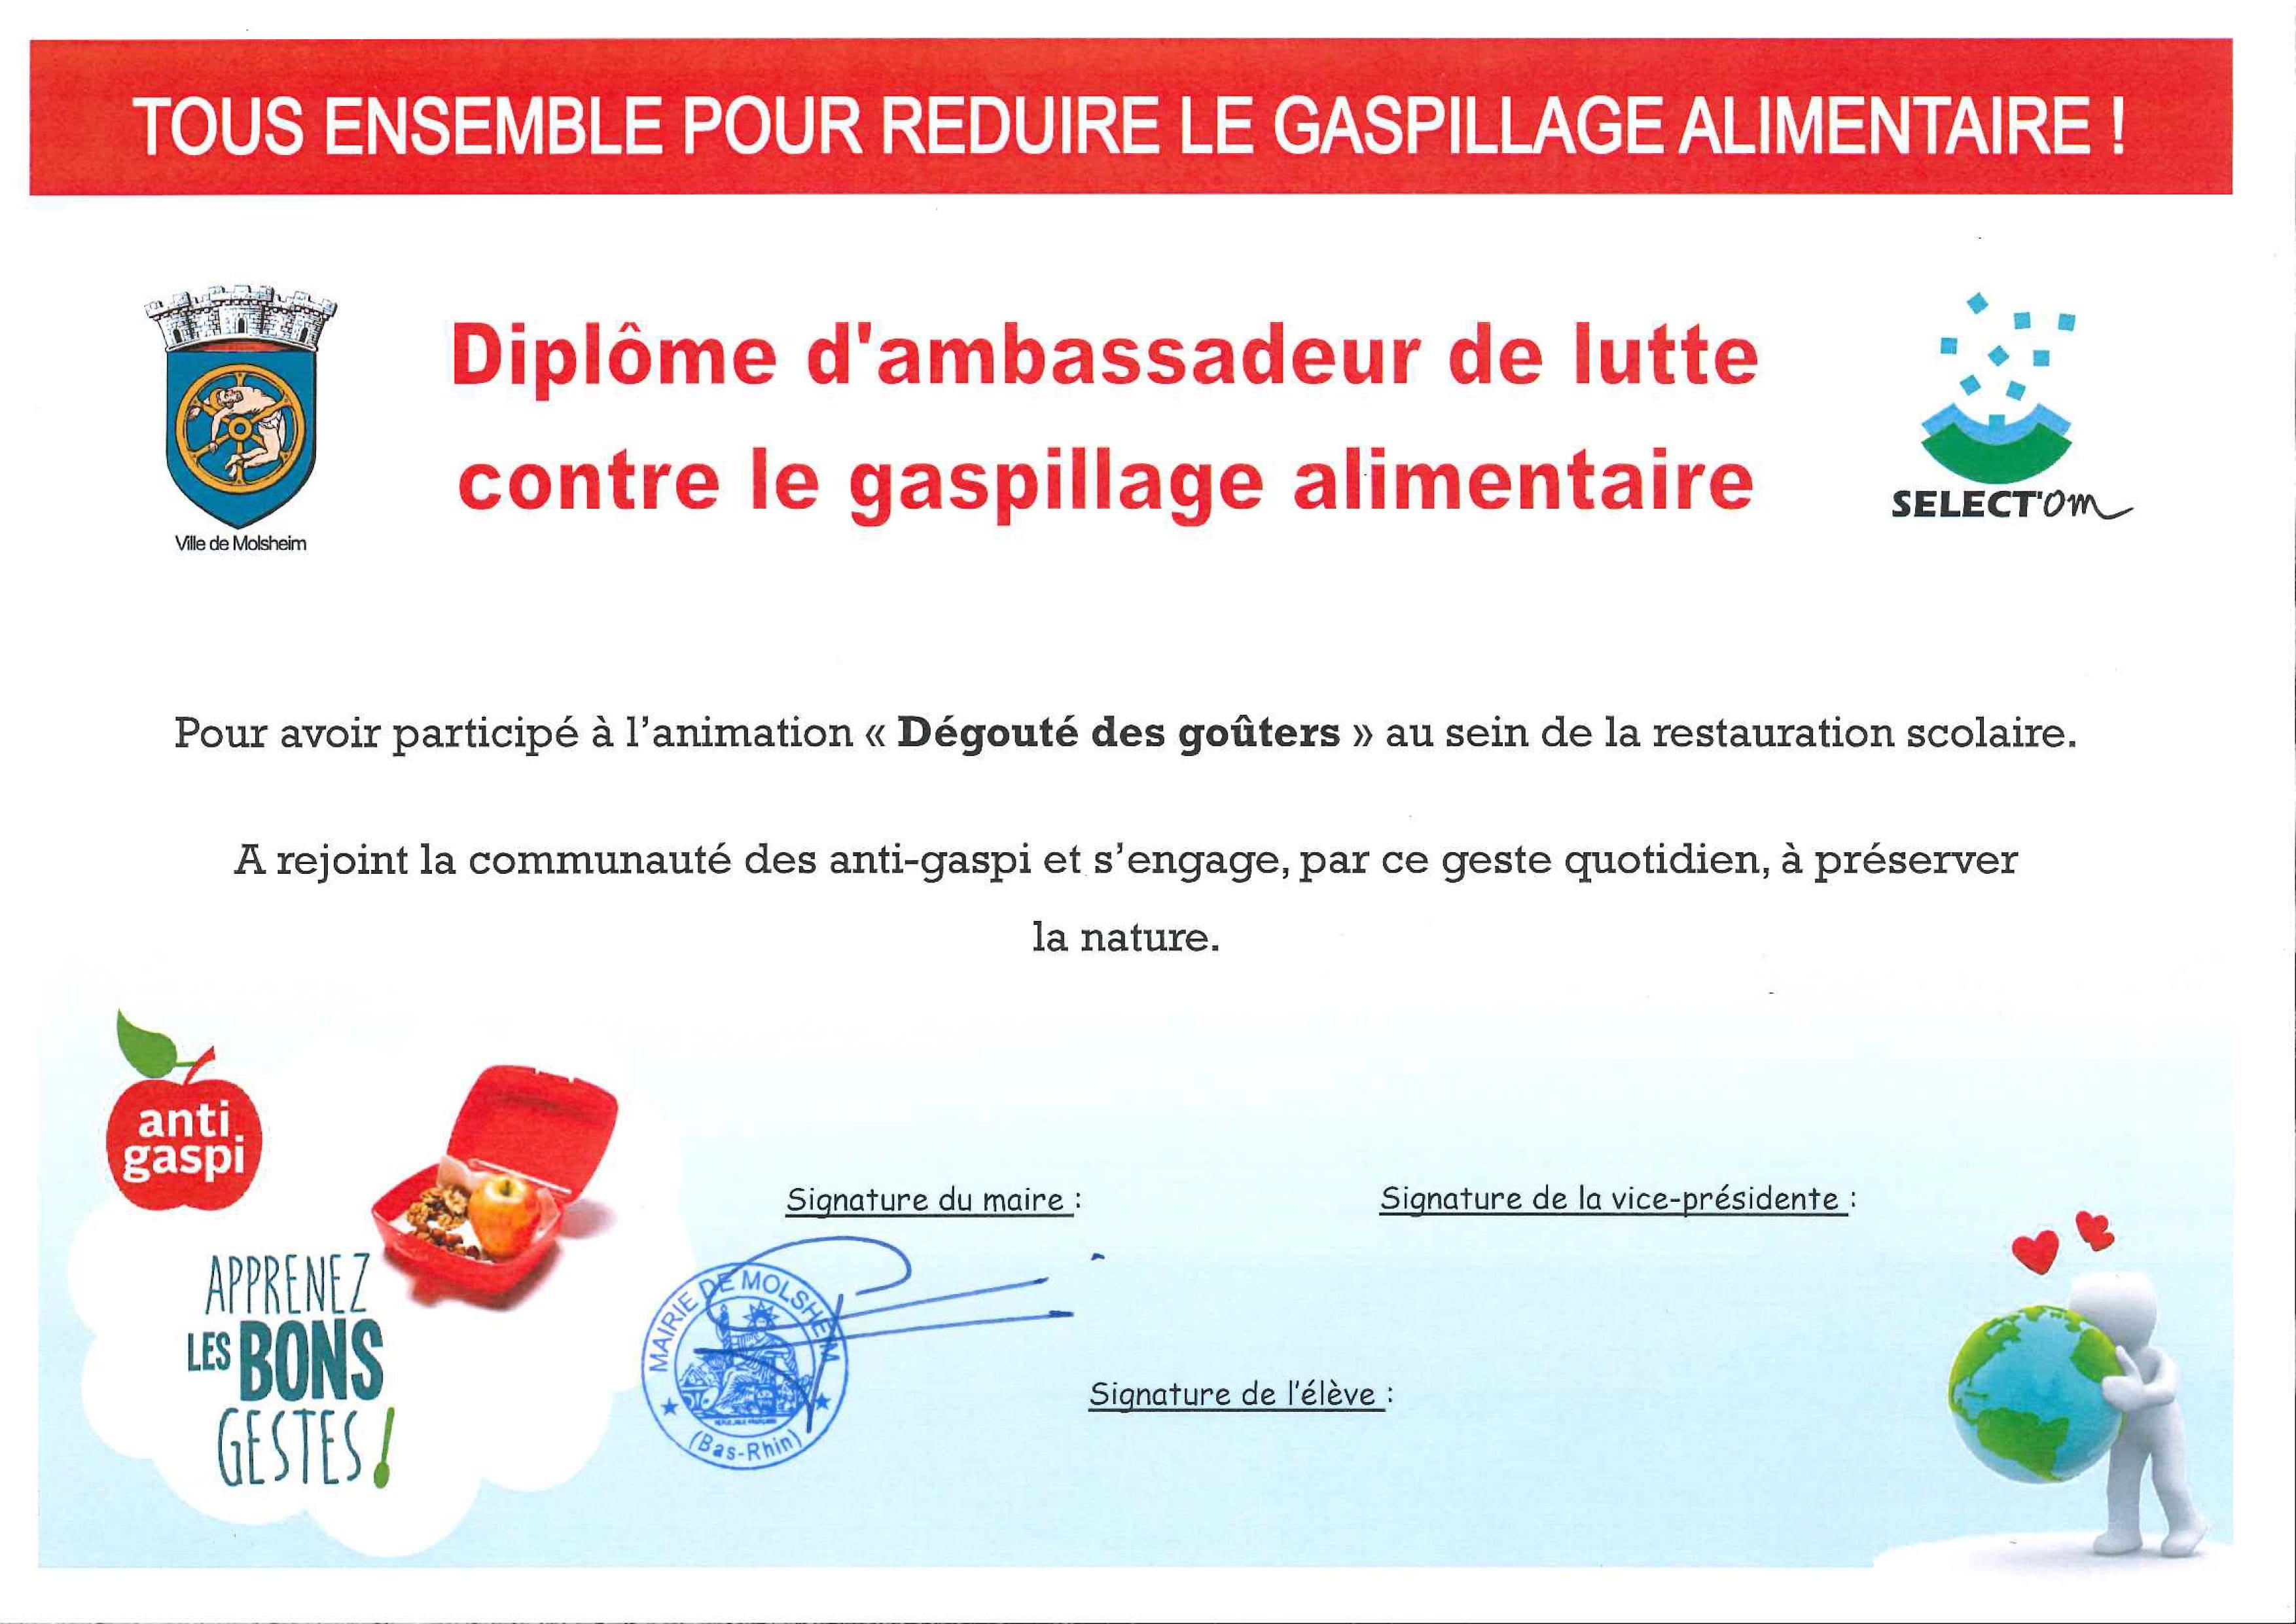 Diplôme d'ambassadeur de lutte contre le gaspillage alimentaire